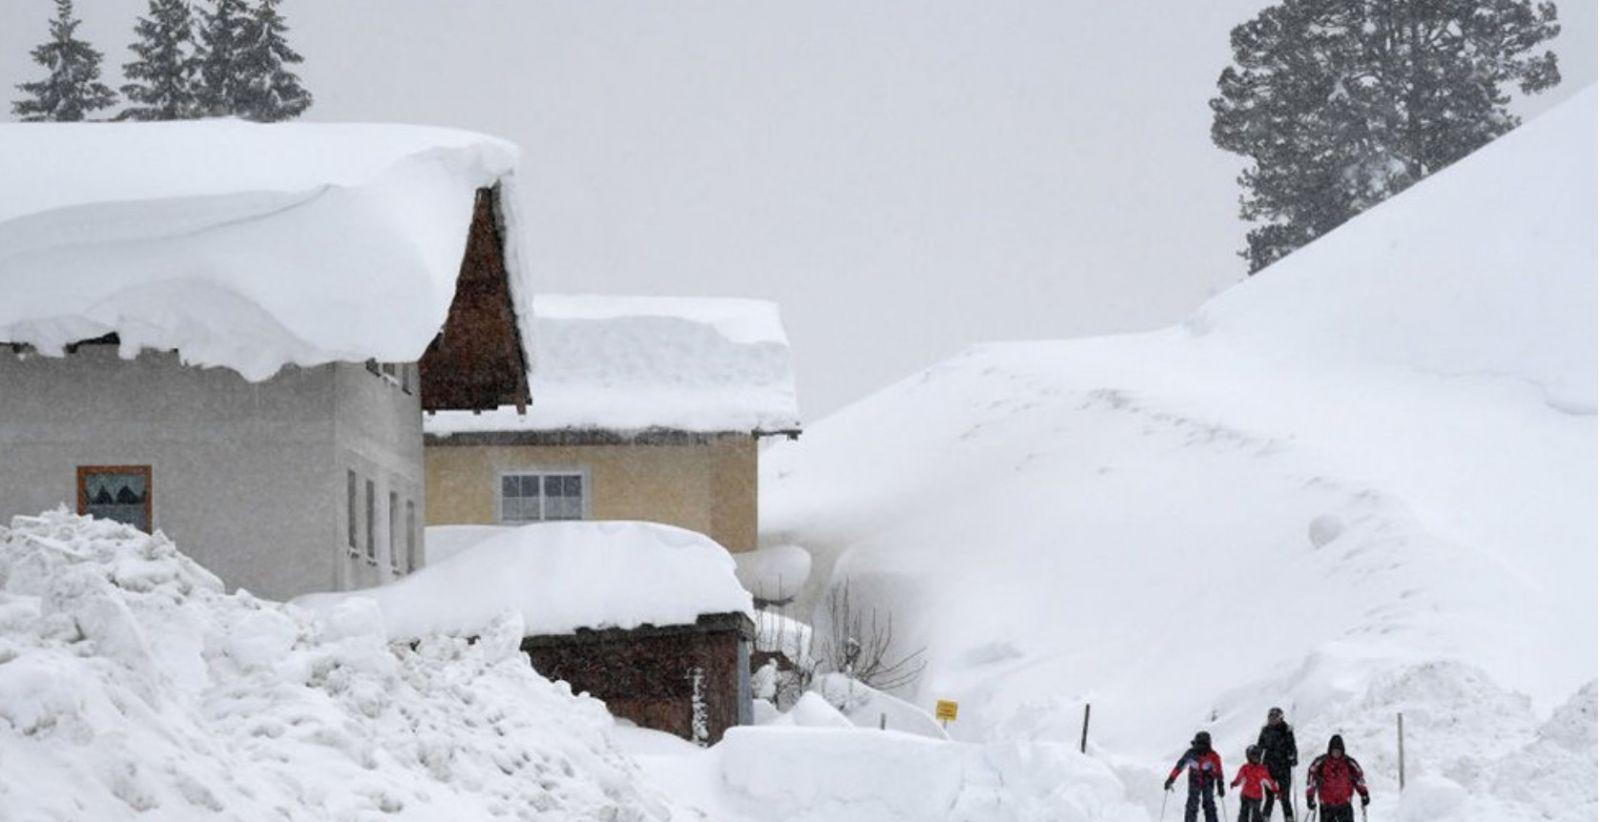 Наслідки сильного снігопаду в Австрії, 7 січня, фото: AFP